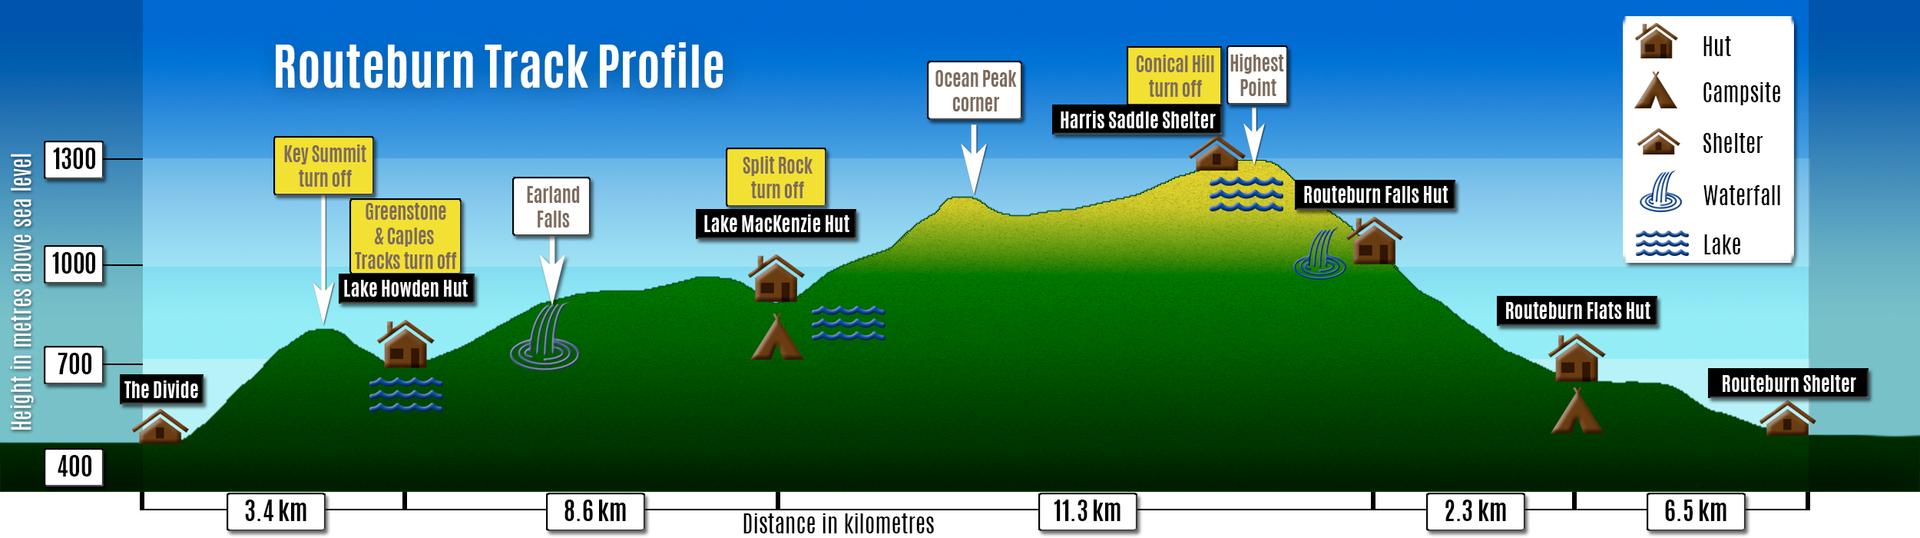 Routeburn Track profile